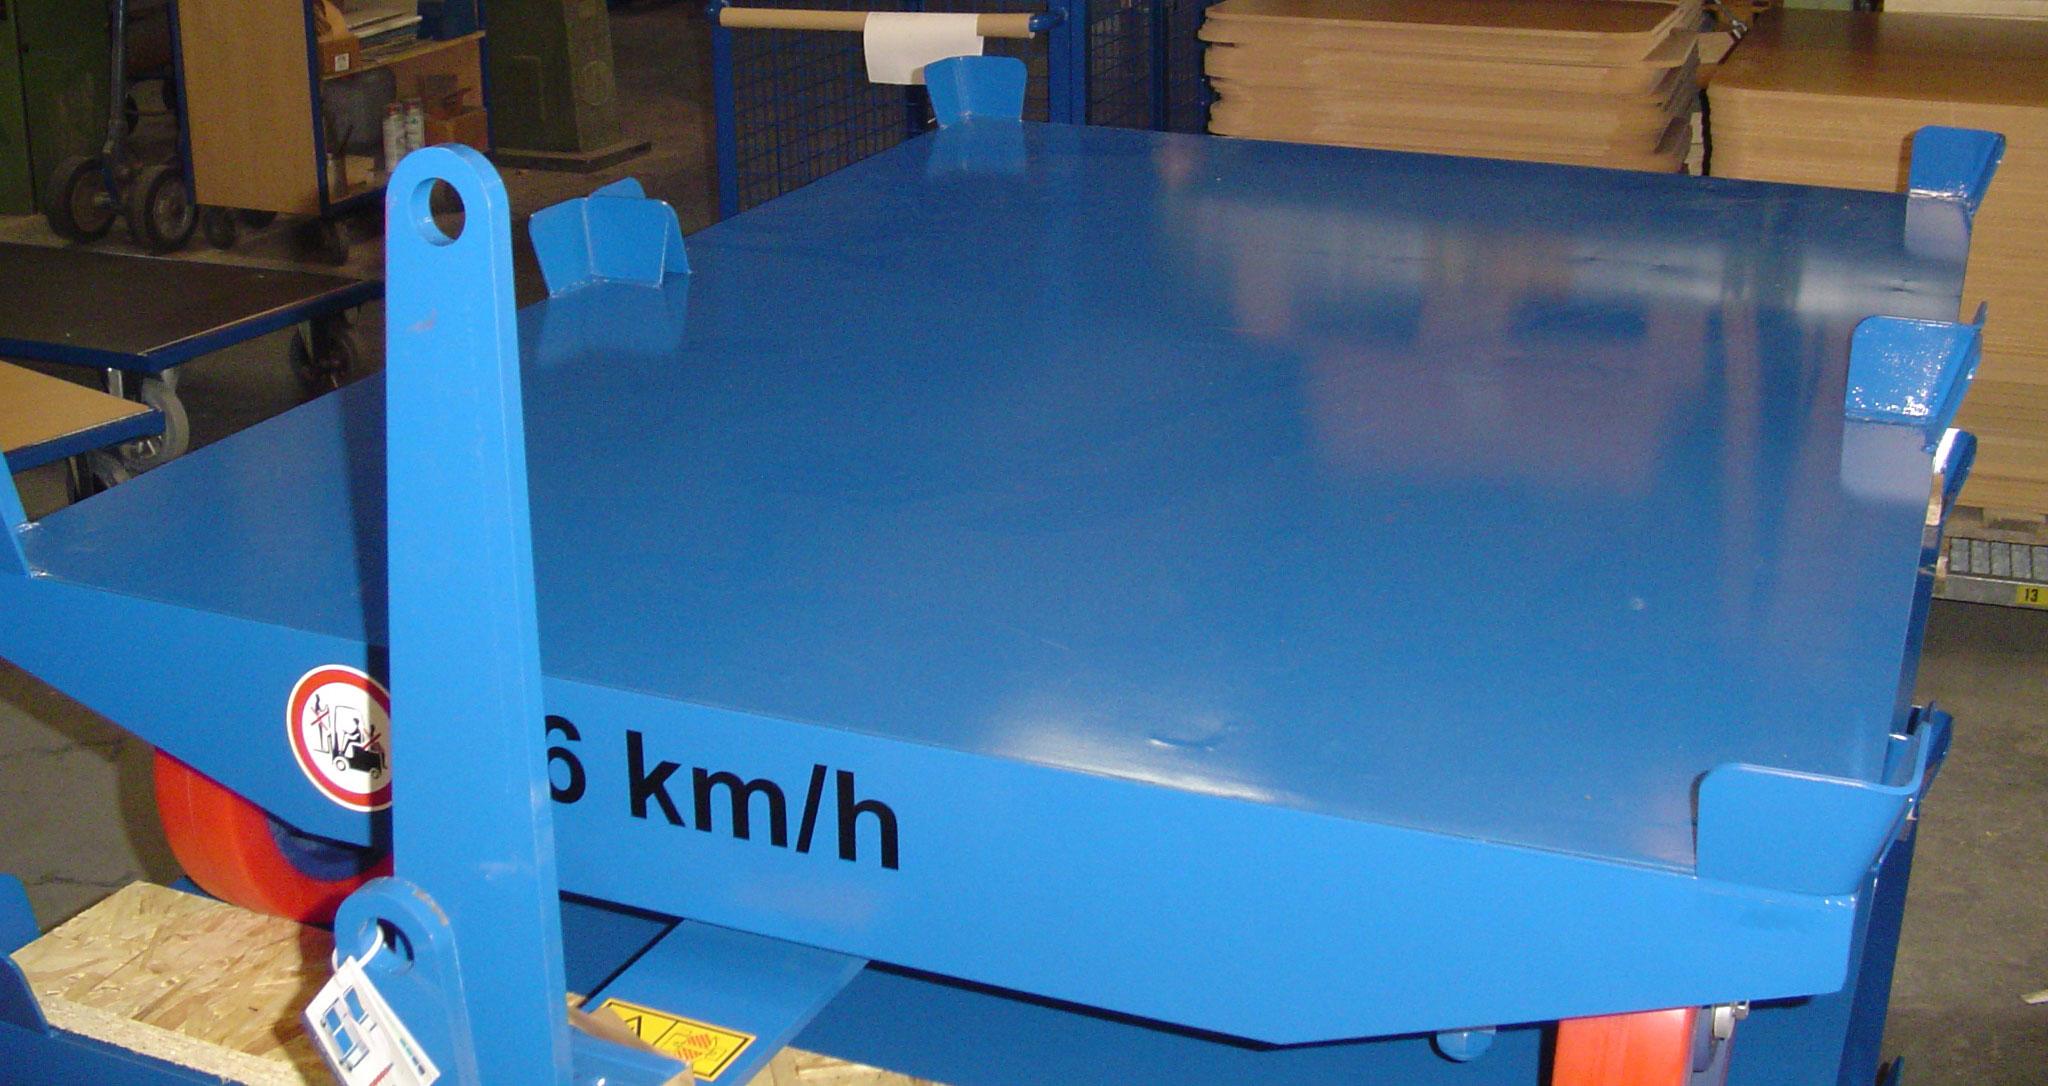 12 Stück Routenzug-Anhänger mit 2 Tonnen Traglast für zwei Europaletten [quer] zum Einsatz in einem großen Logistikzentrum